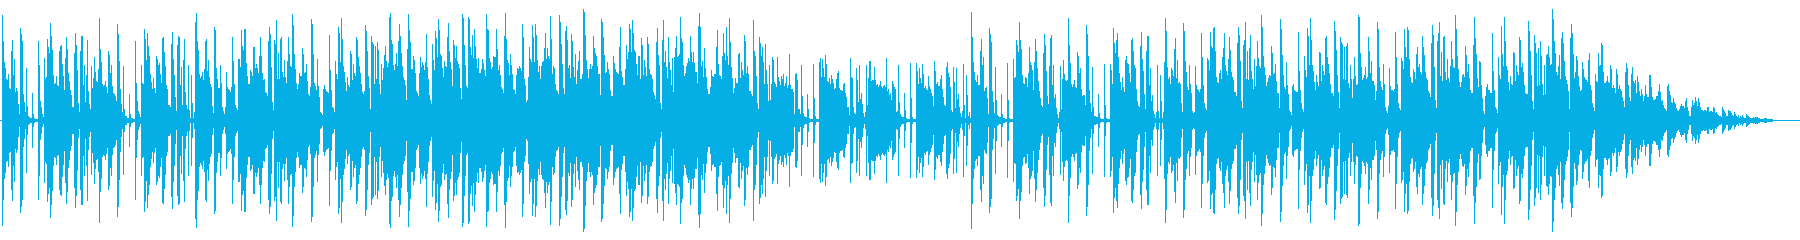 リラックス/R&B_No527の再生済みの波形